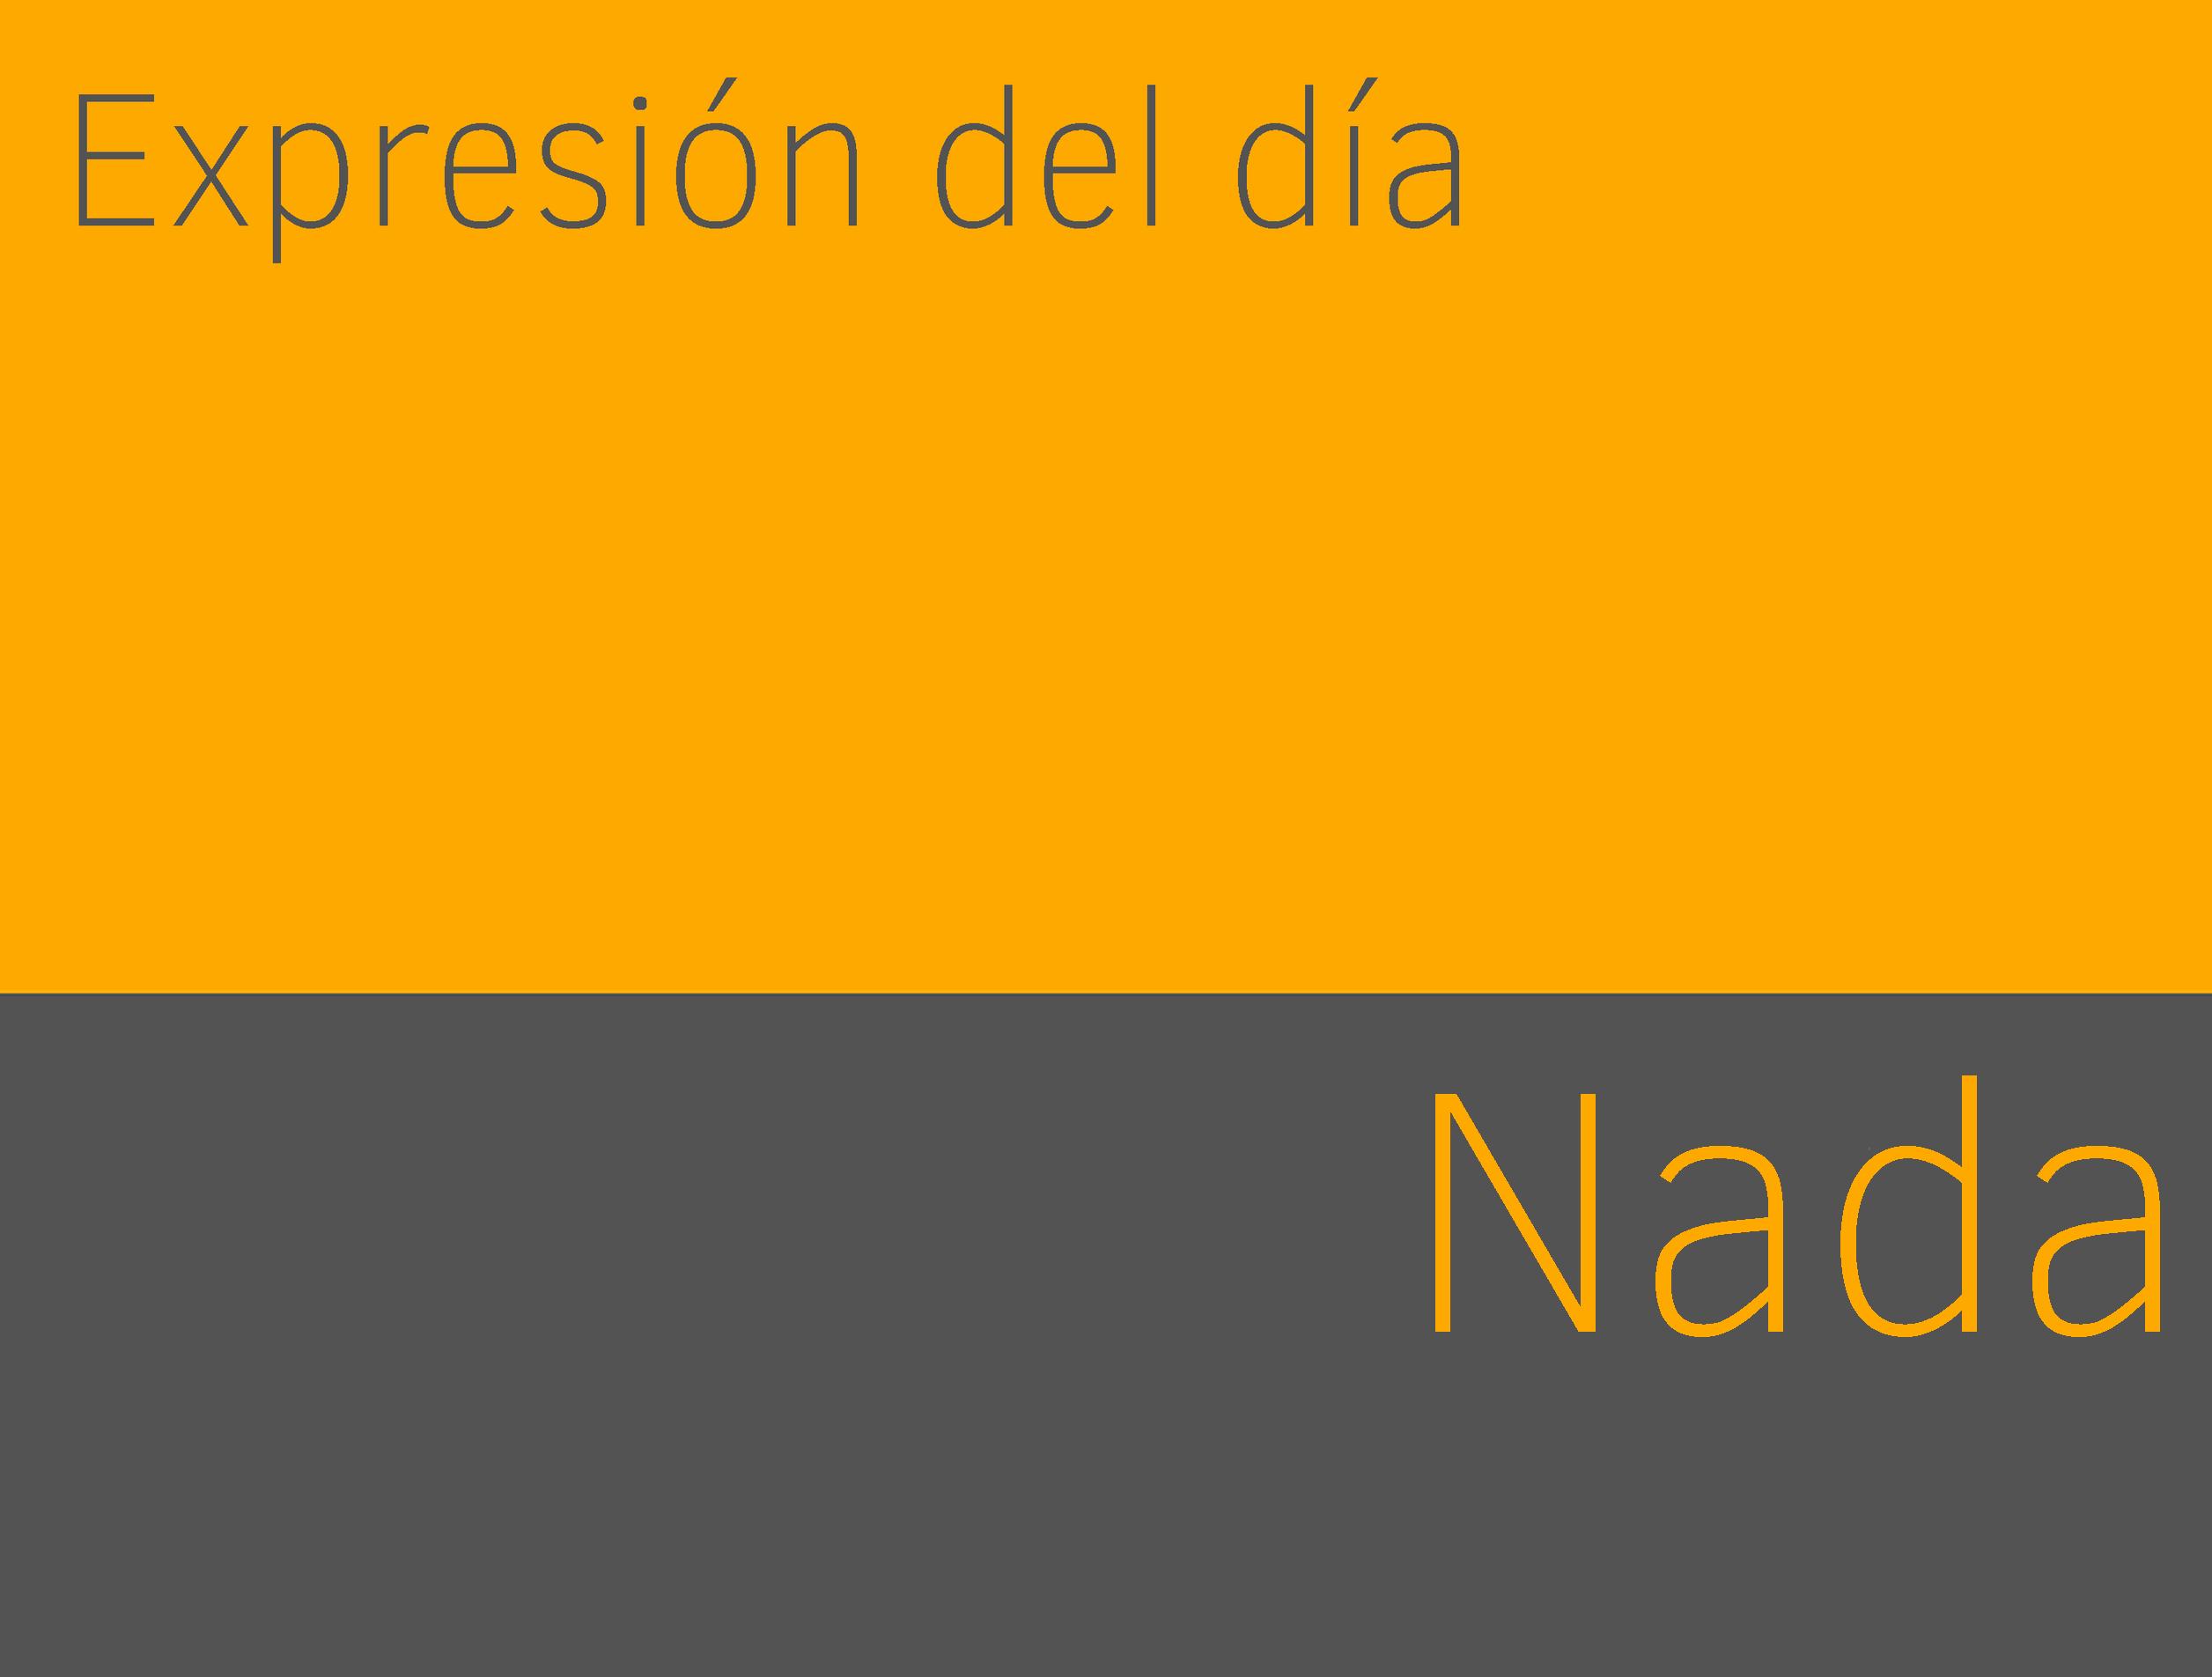 Aprender expresiones de nada en ingles